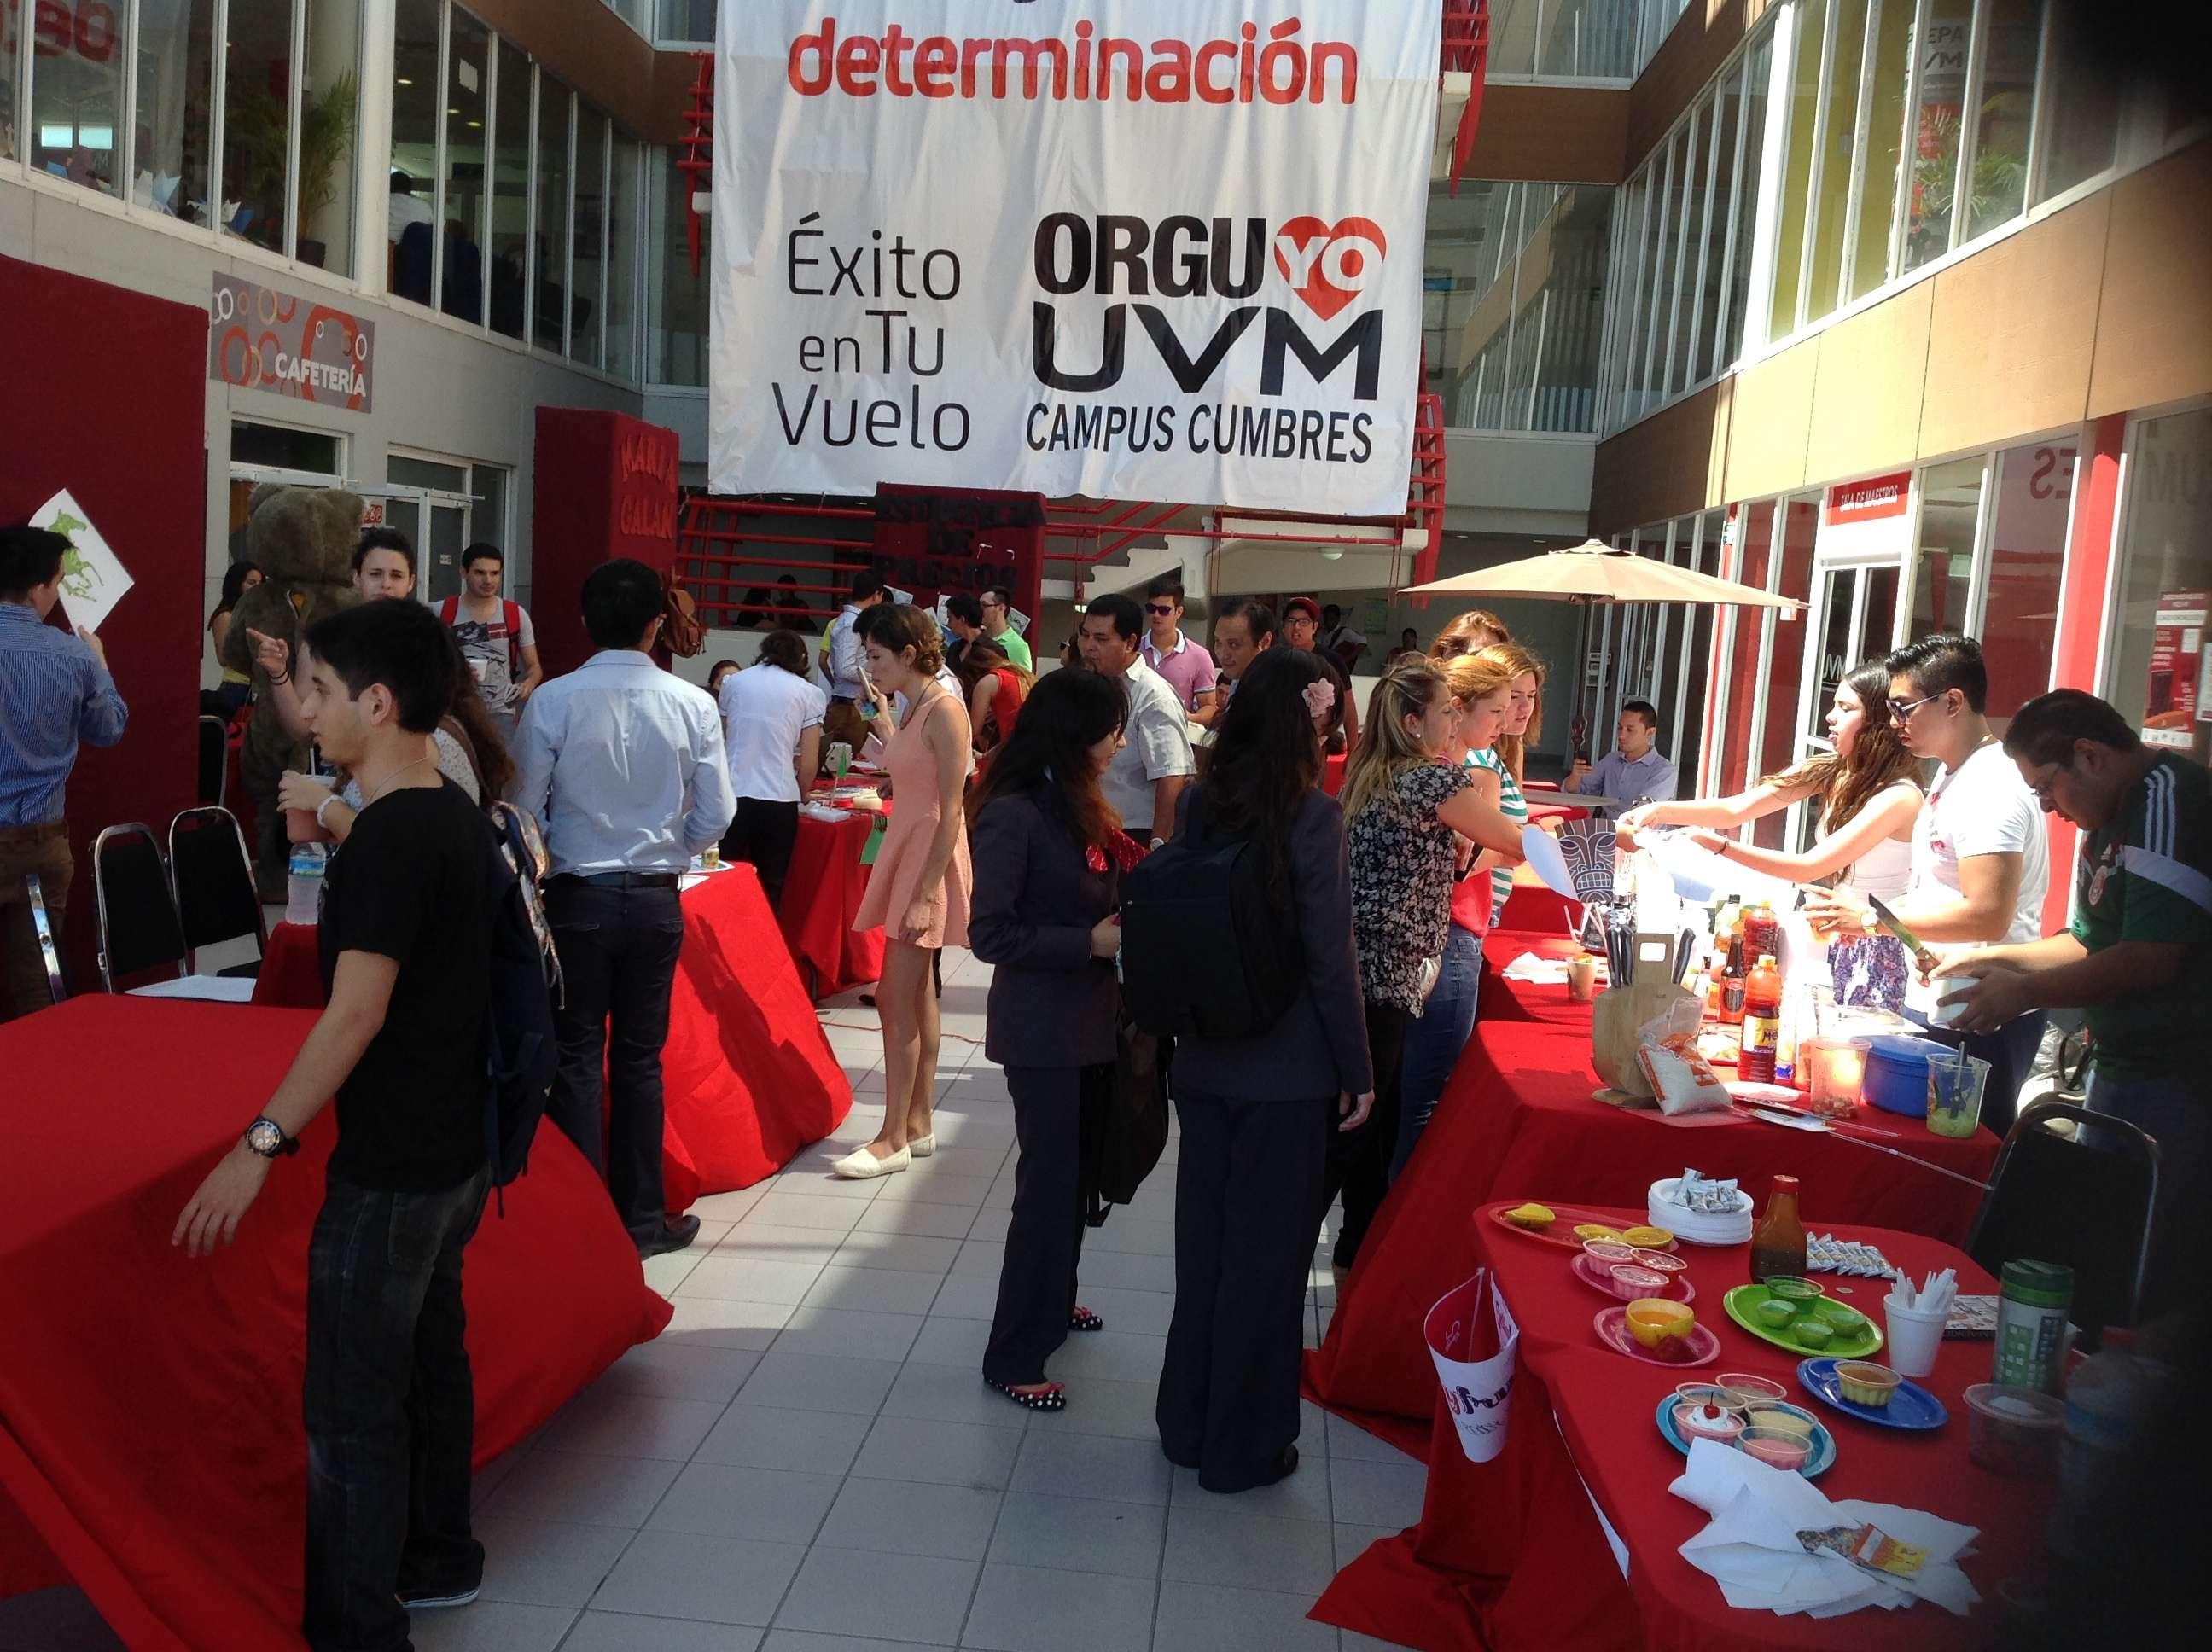 La Universidad del Valle de México cuenta con una Red Institucional de Incubadoras de Empresas y Emprendedores en 5 Centros de Negocios en los Campus San Rafael, Lomas Verdes, Zapopan, Guadalajara Sur y Cumbres. Foto: UVM